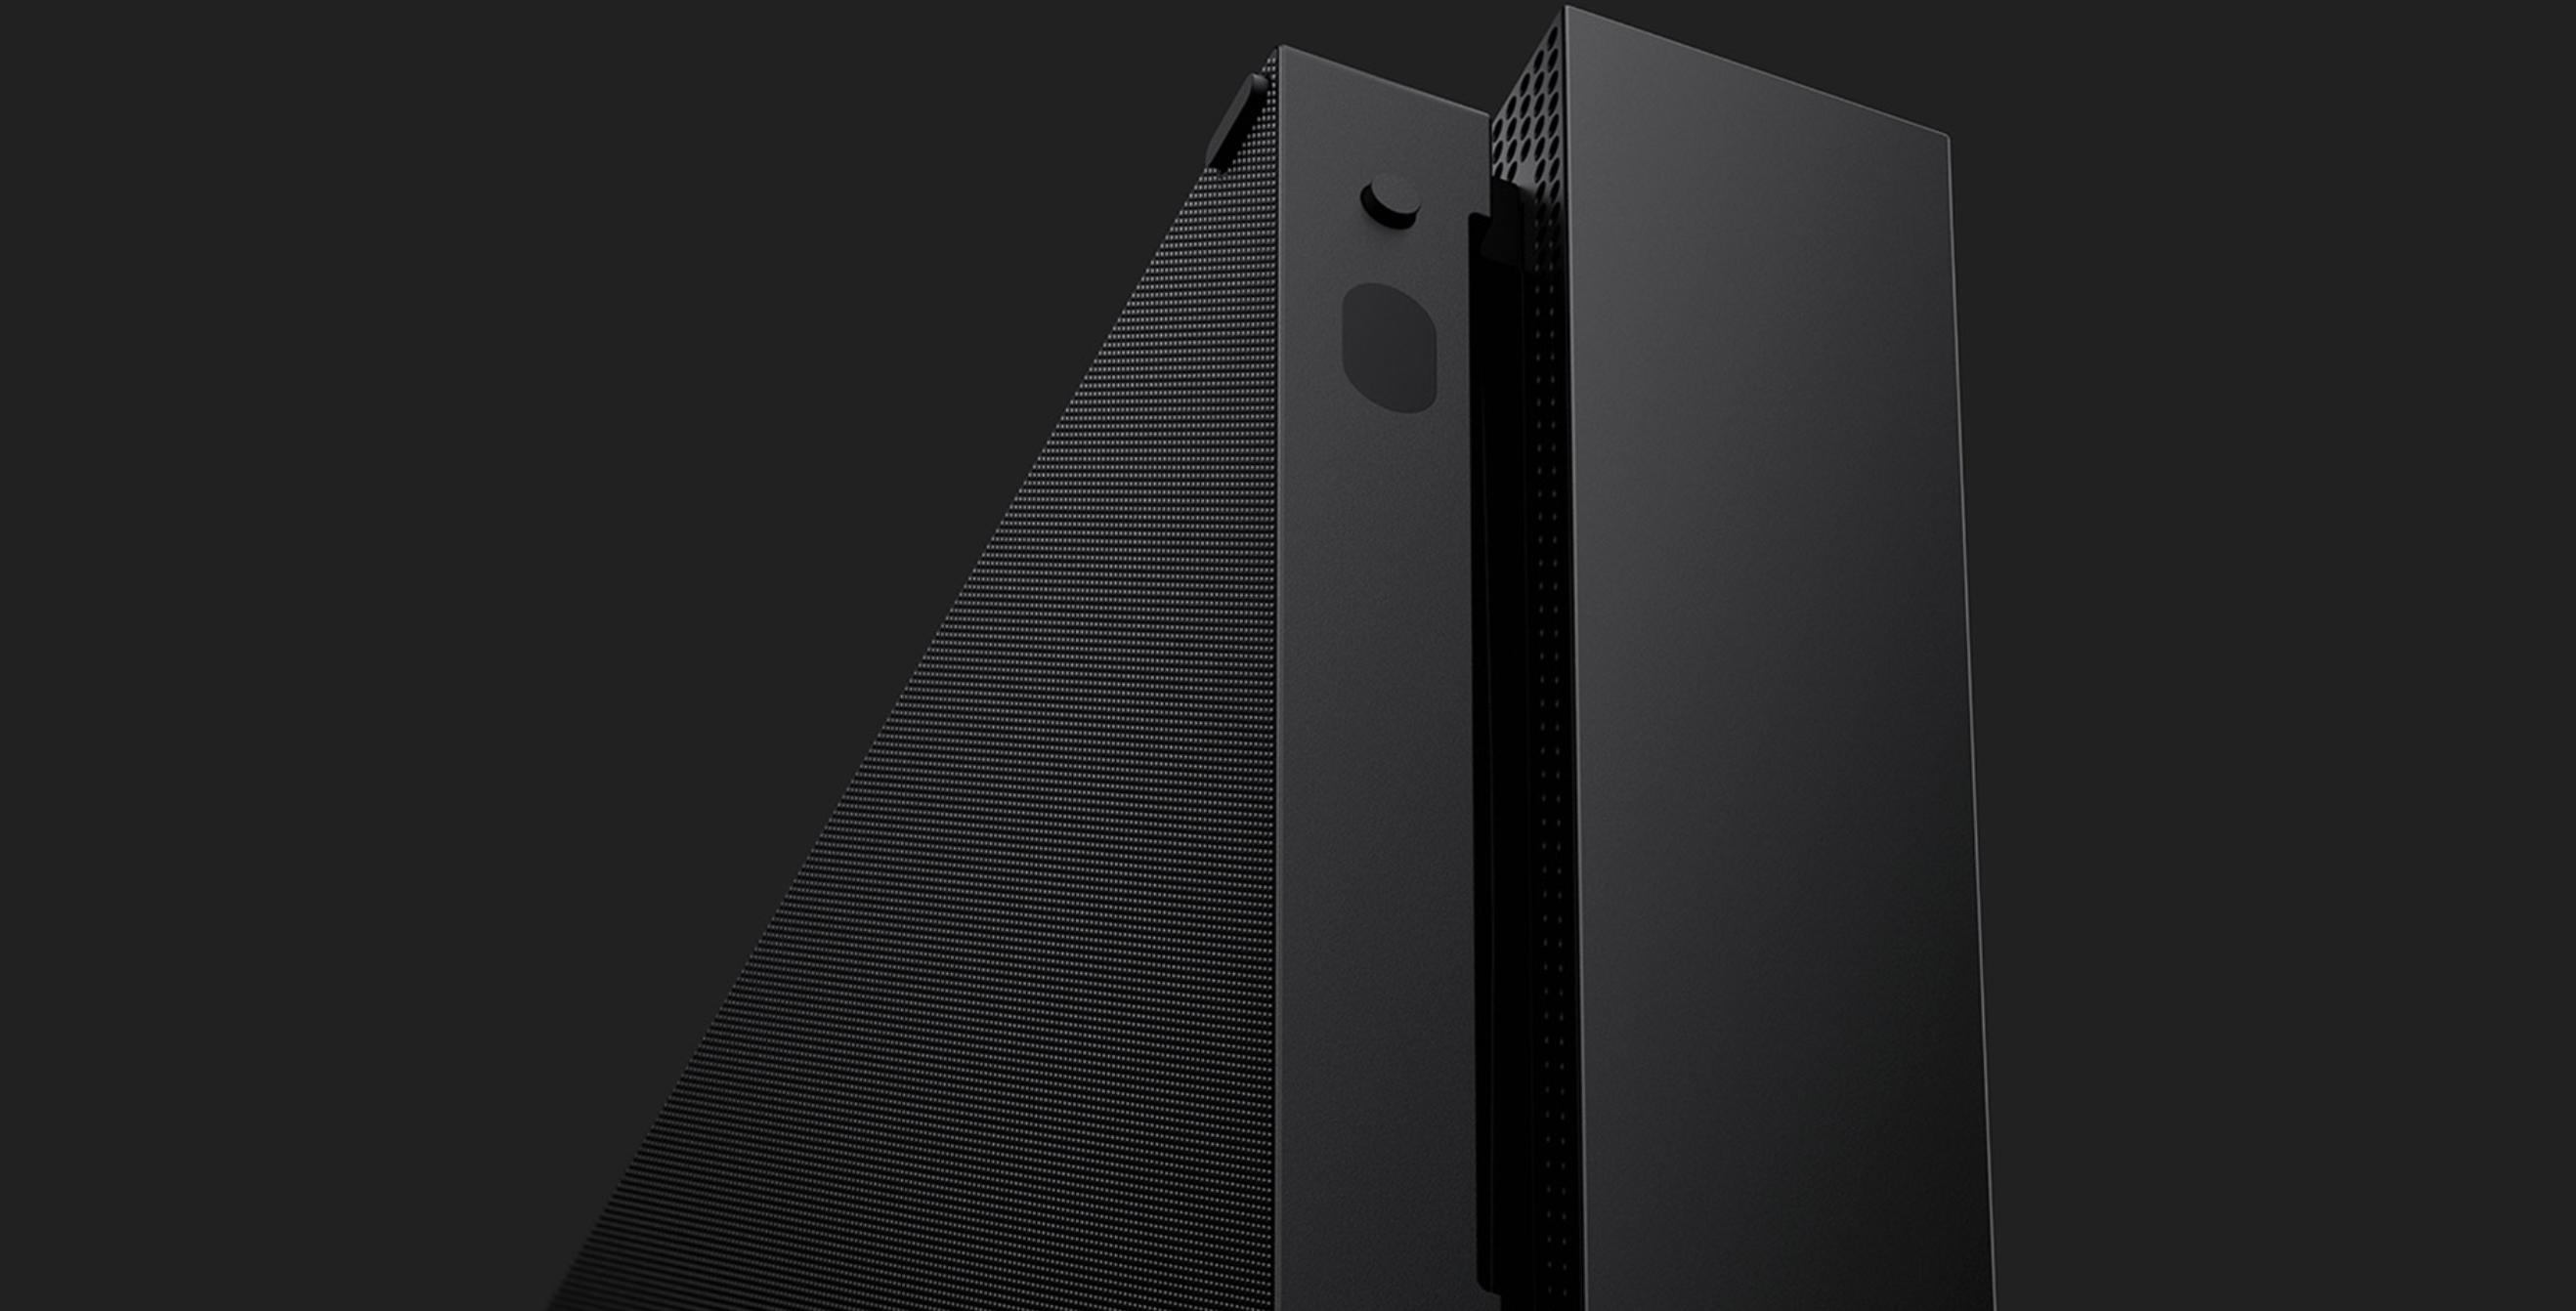 La Xbox Scarlett serait deux fois plus puissante que la Xbox One X